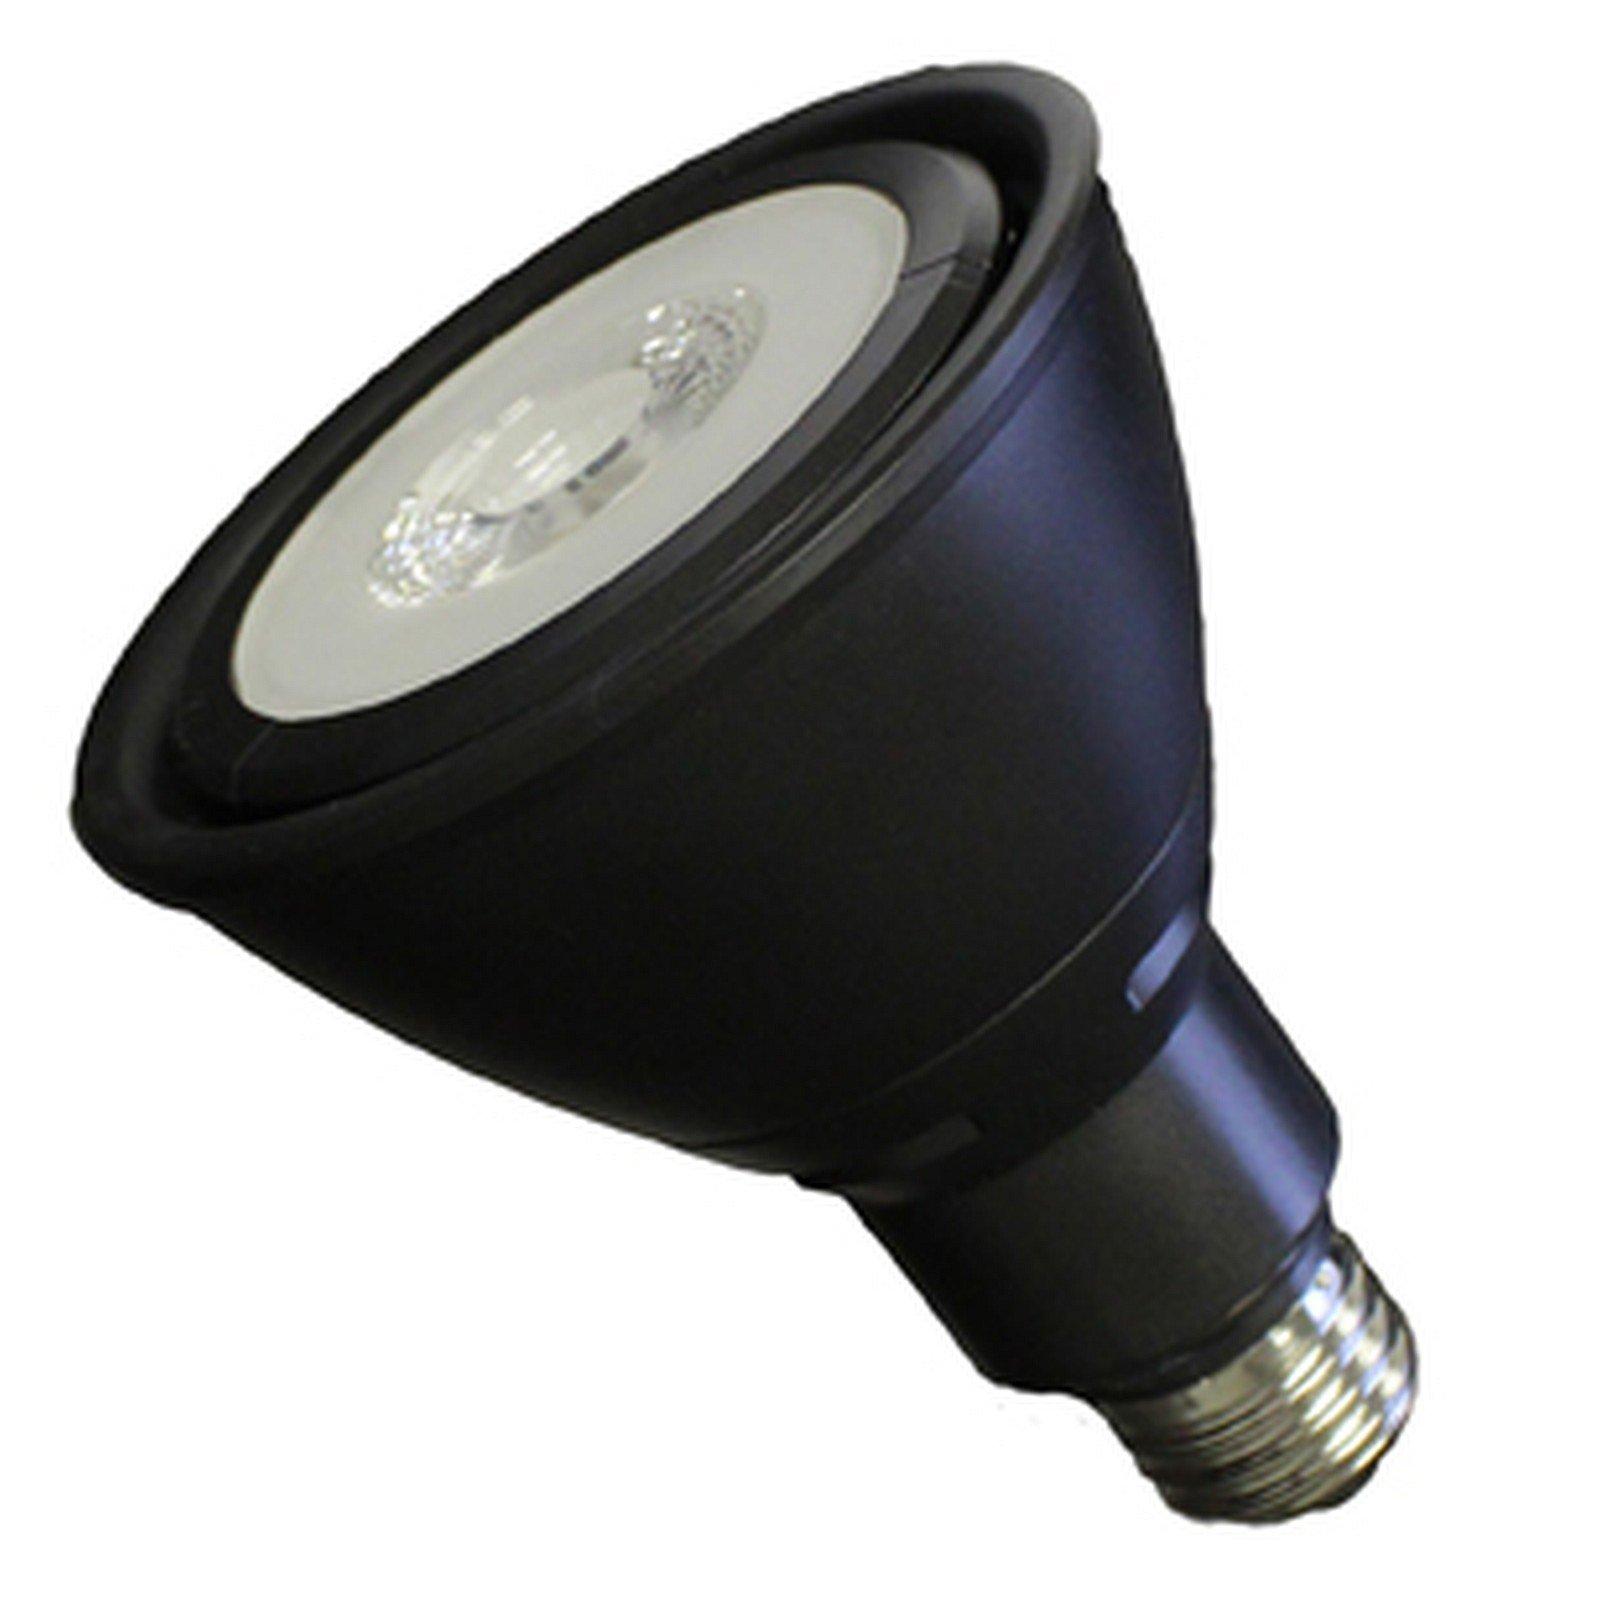 Halco BC8436 PAR30FL10L/927/B/LED (82013) Lamp Bulb Replacement by Halco